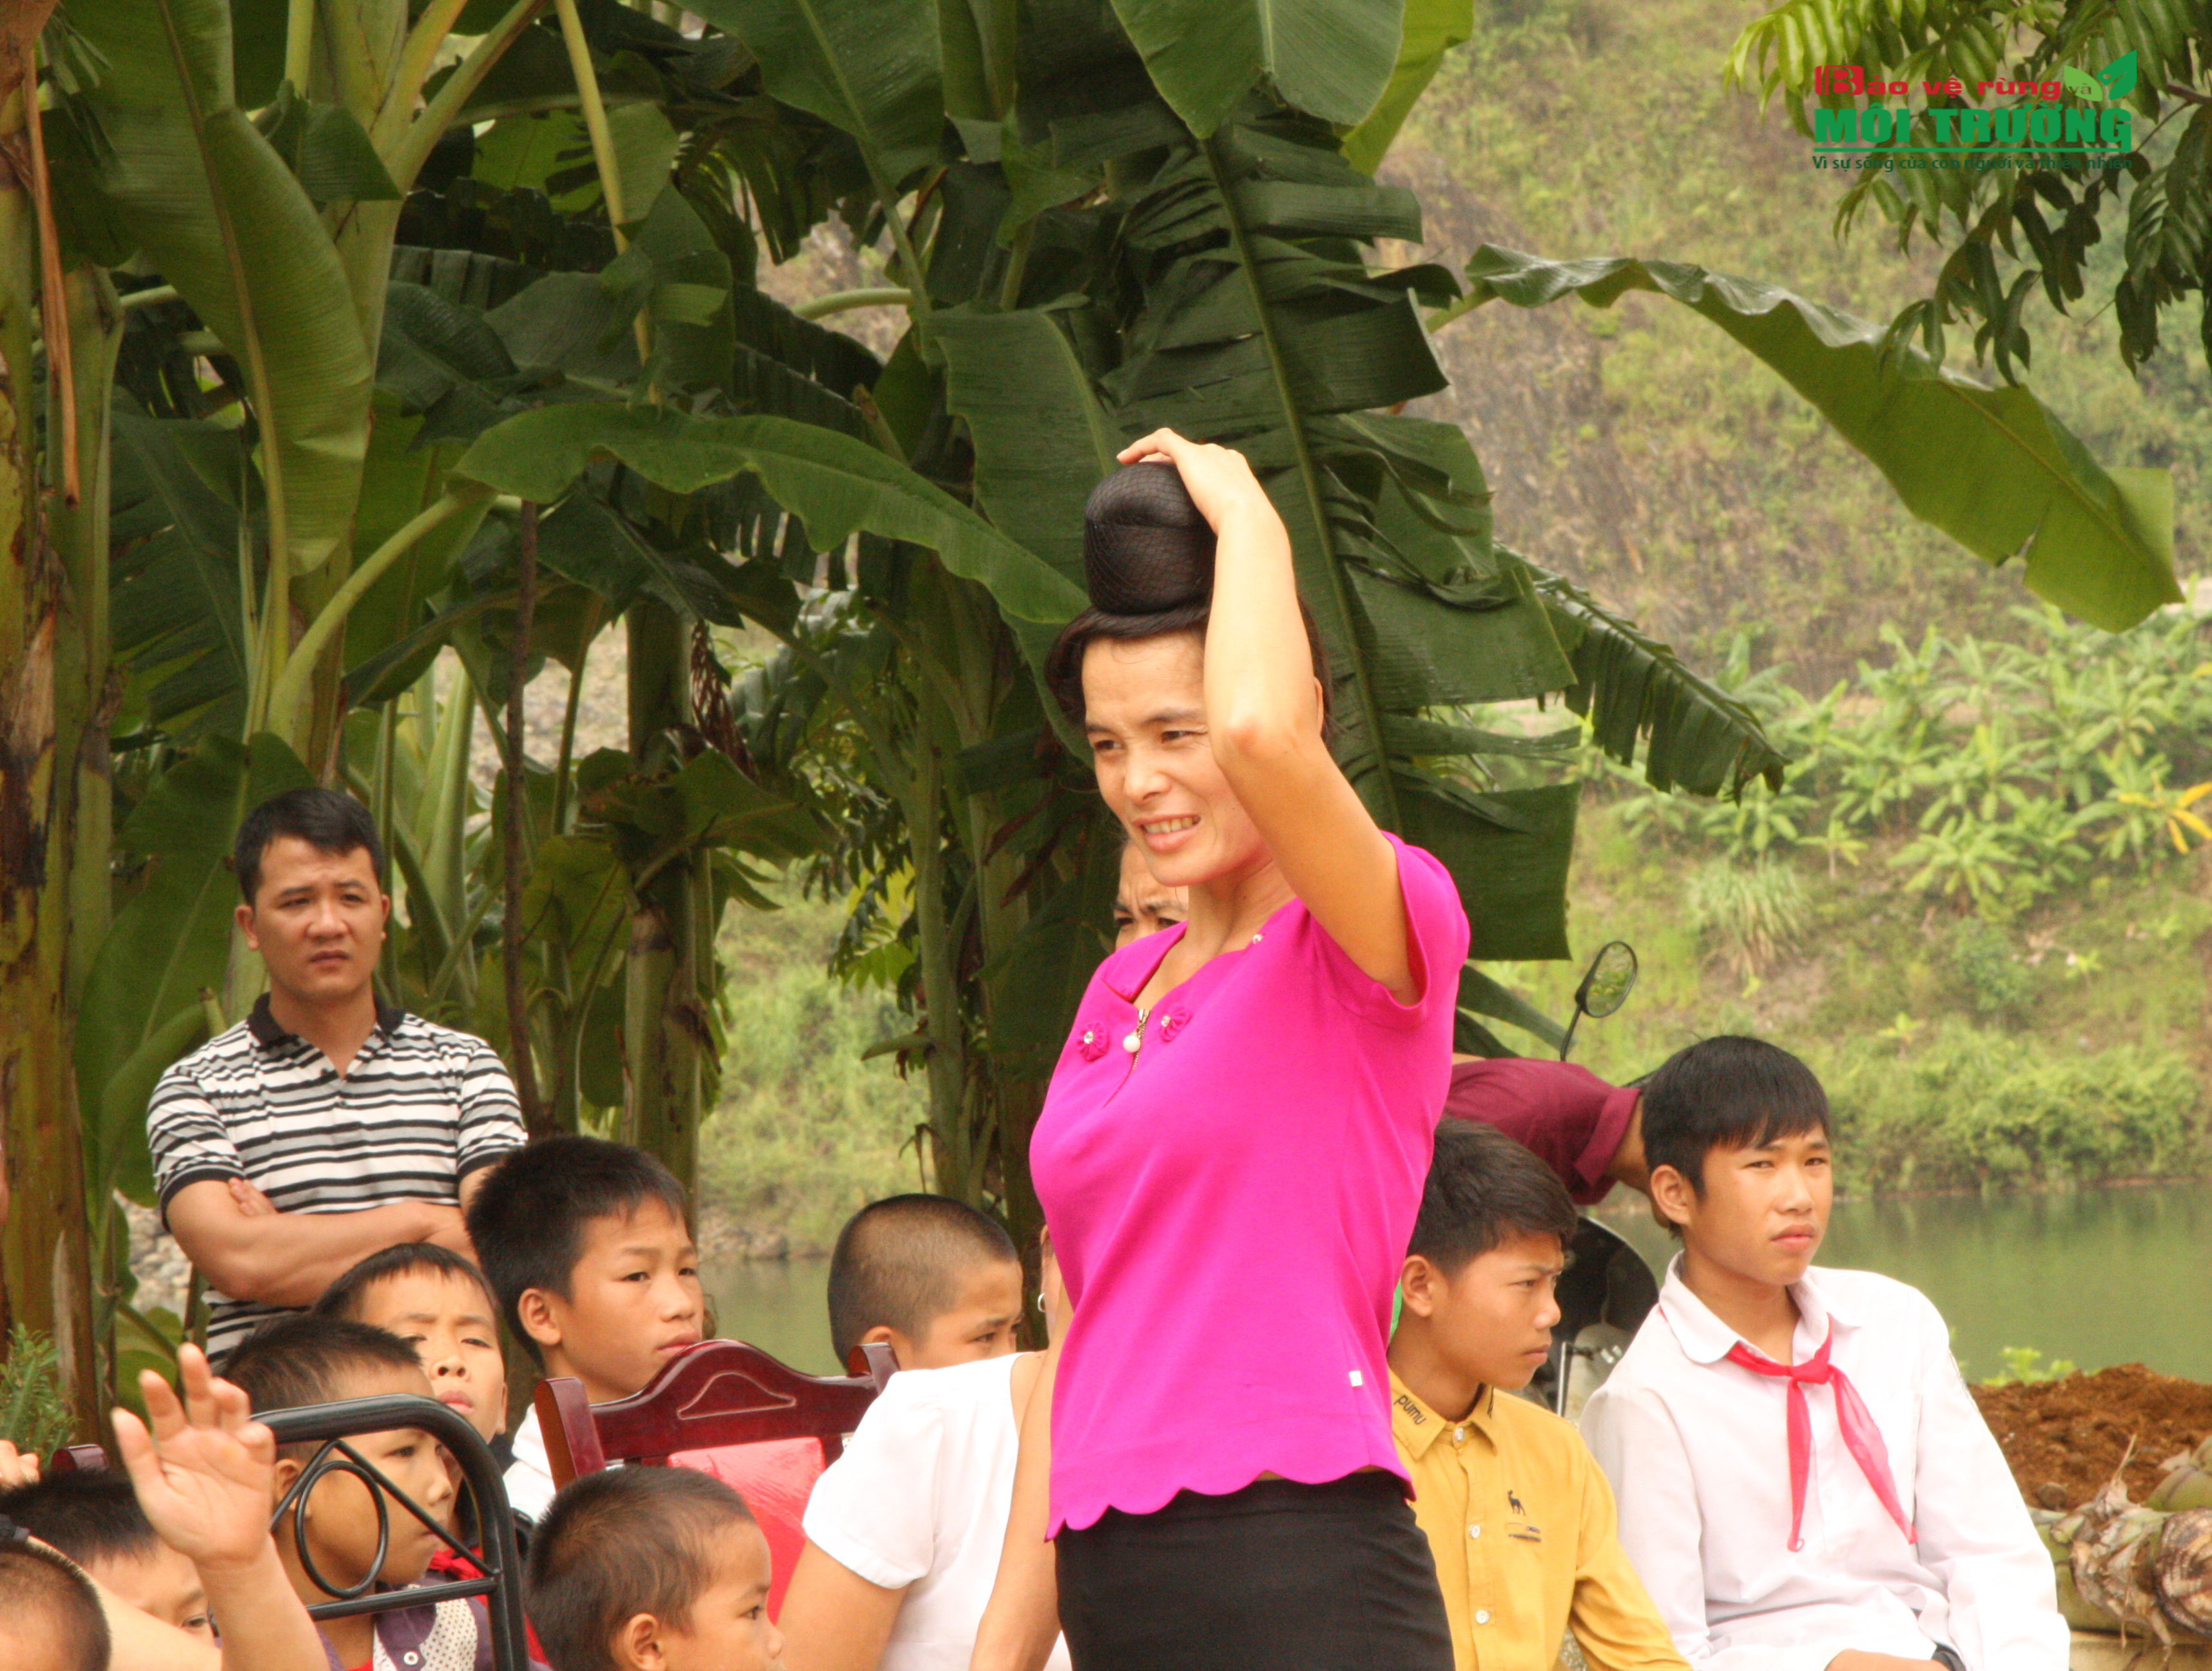 Lời hẹn thề trọn vẹn tình yêu thể hiện rõ trên những mái tóc của người phụ nữ Thái trên miền Tây Bắc.